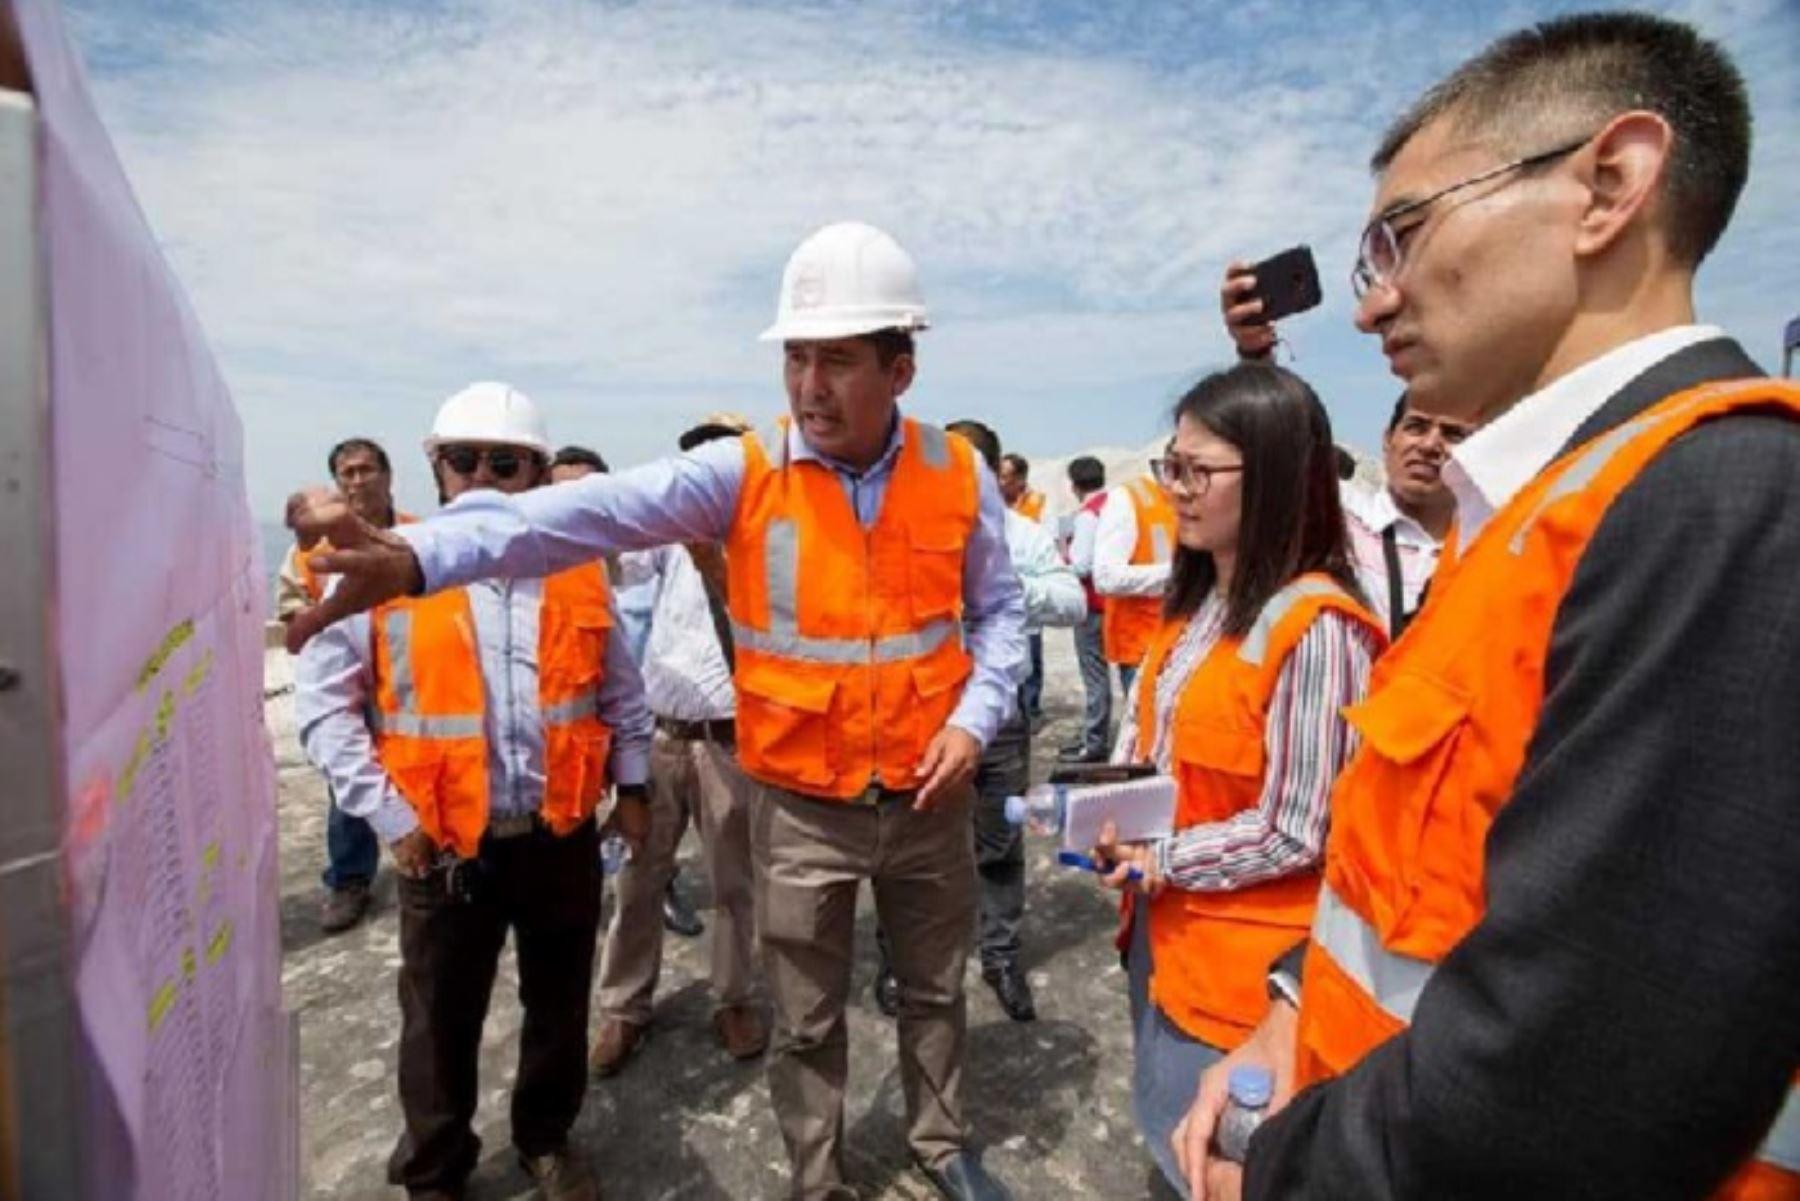 Con miras a realizar una futura inversión de hasta 2,000 millones de dólares, representantes de la transnacional China Comunications Construction Company Ltd visitaron las instalaciones del terminal portuario de Chimbote, en la región Áncash, en el marco de una concesión de este lugar.